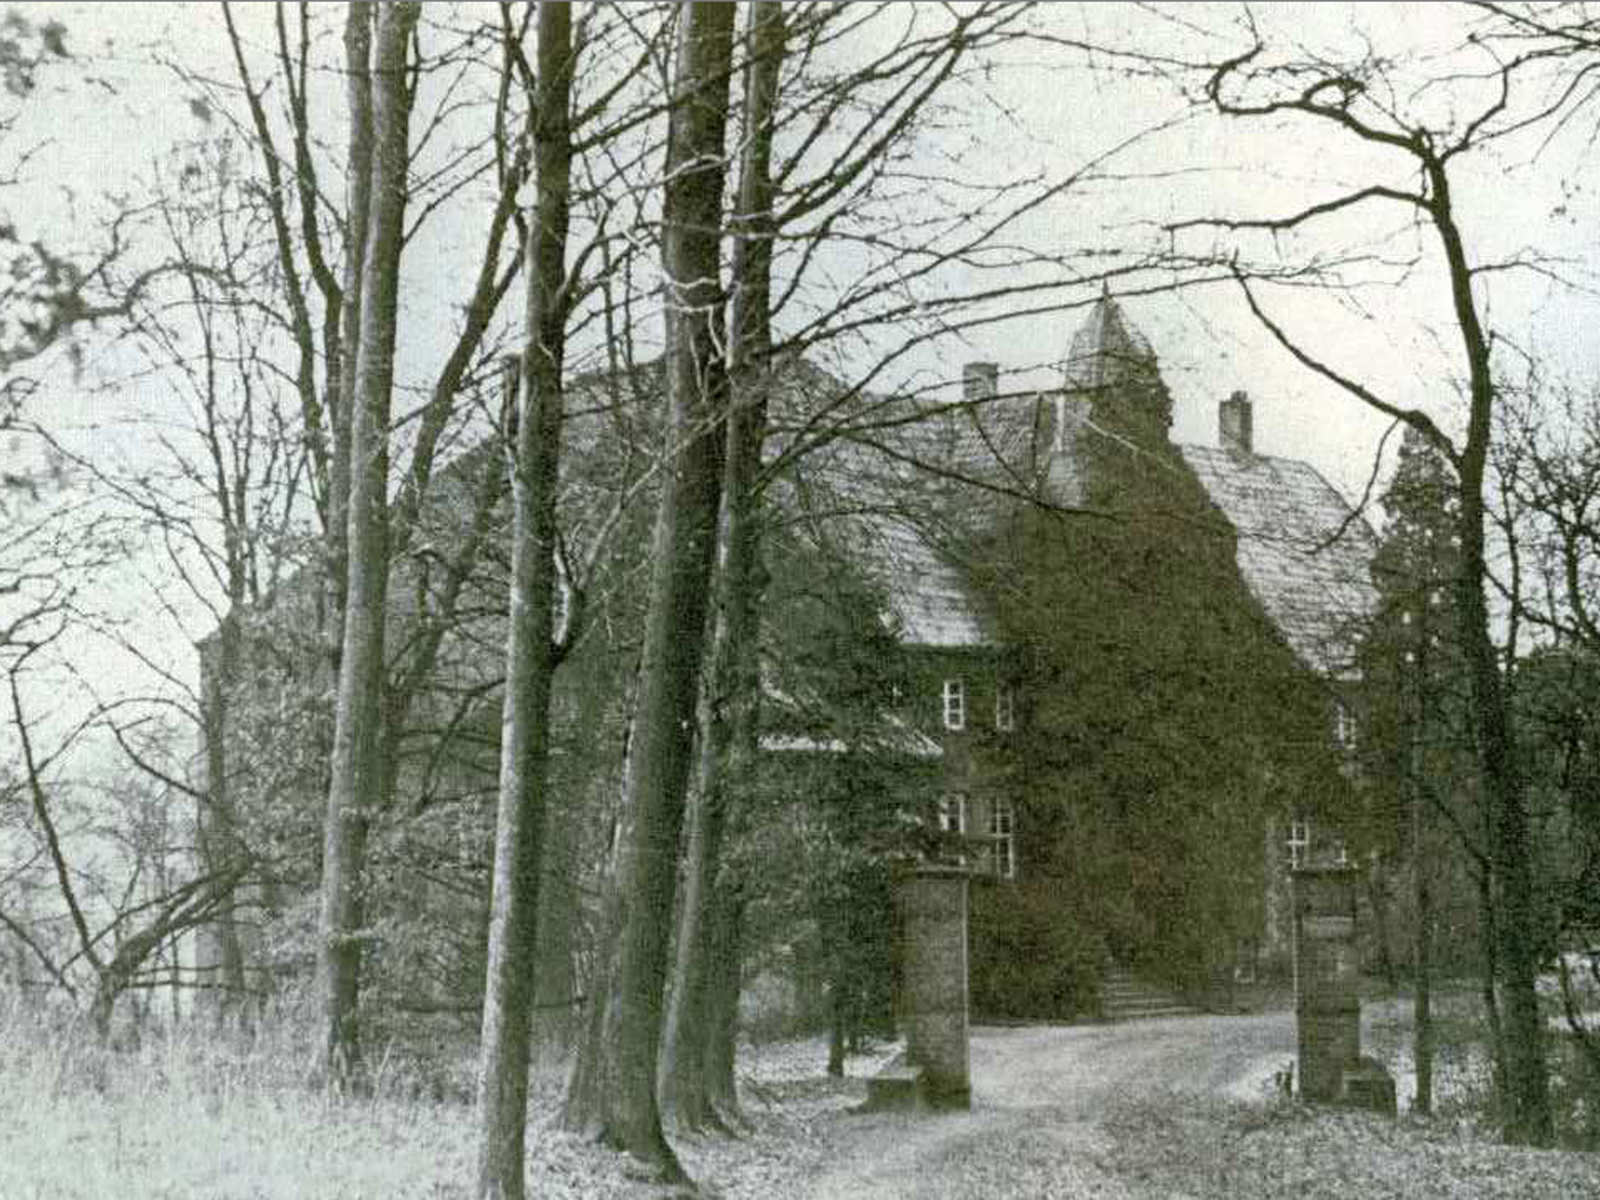 Steinhausener Schloß